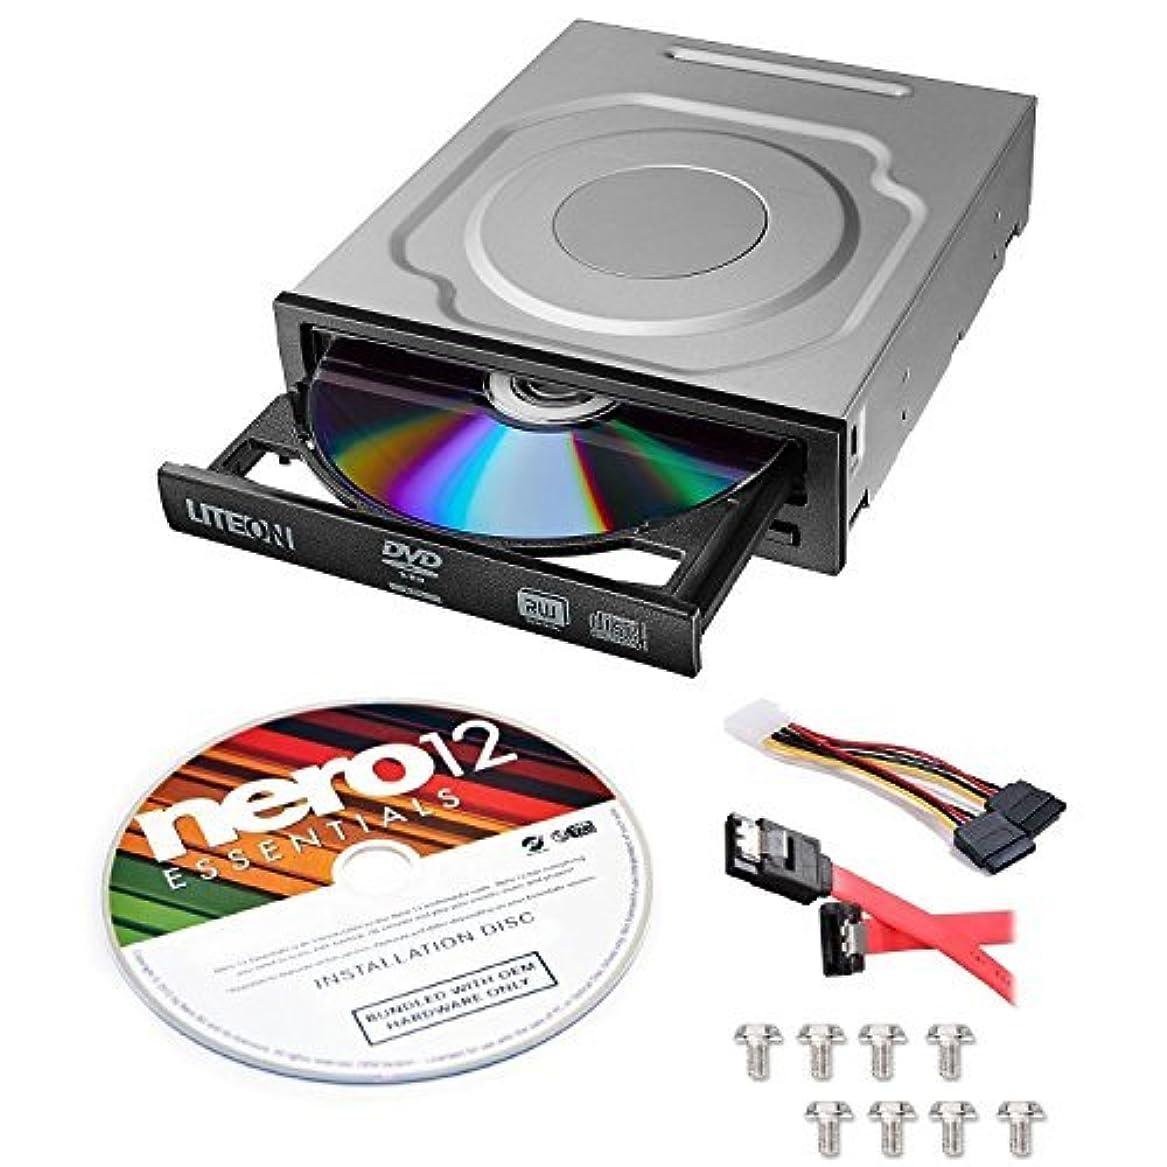 女王不完全なアルコールLite-On 24X SATA Internal DVD+/-RW Drive Optical Drive IHAS124-14 + Nero 12 Essentials Burning Software + Sata Cable Kit [並行輸入品]